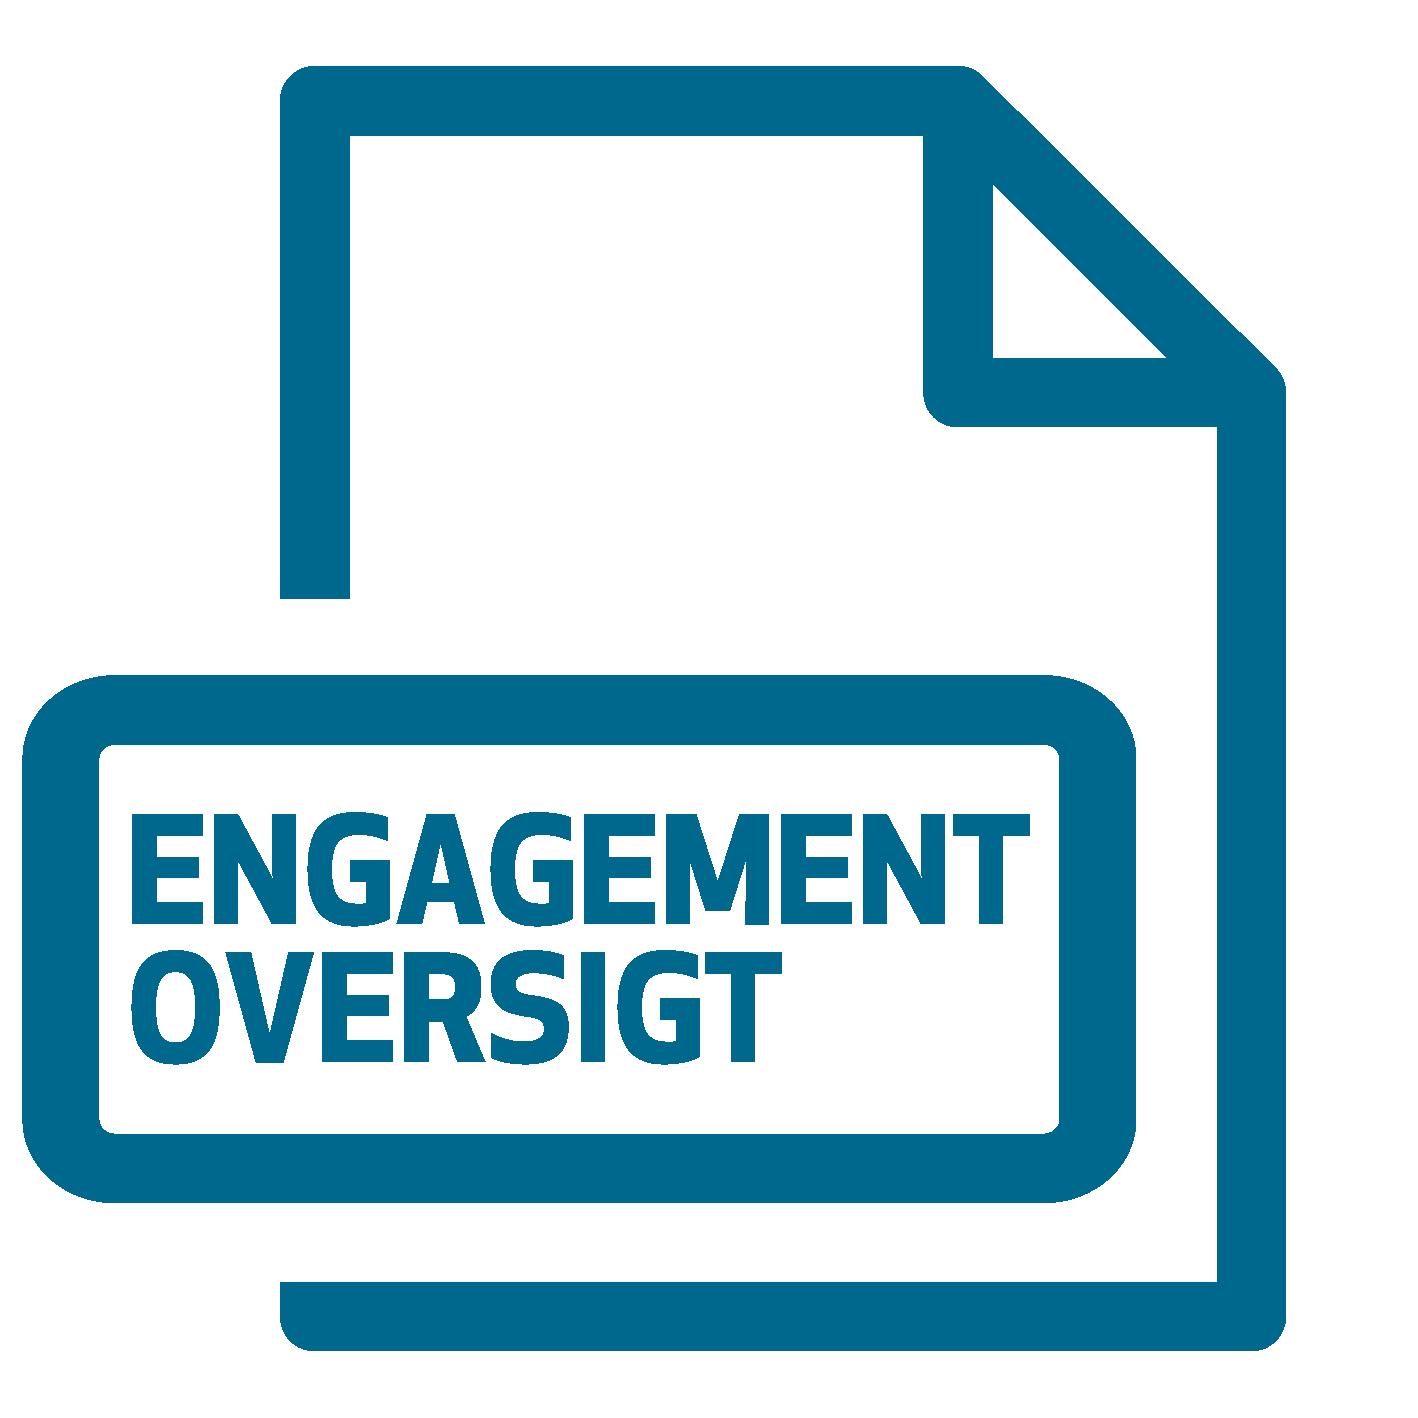 Bestil engagement oversigt